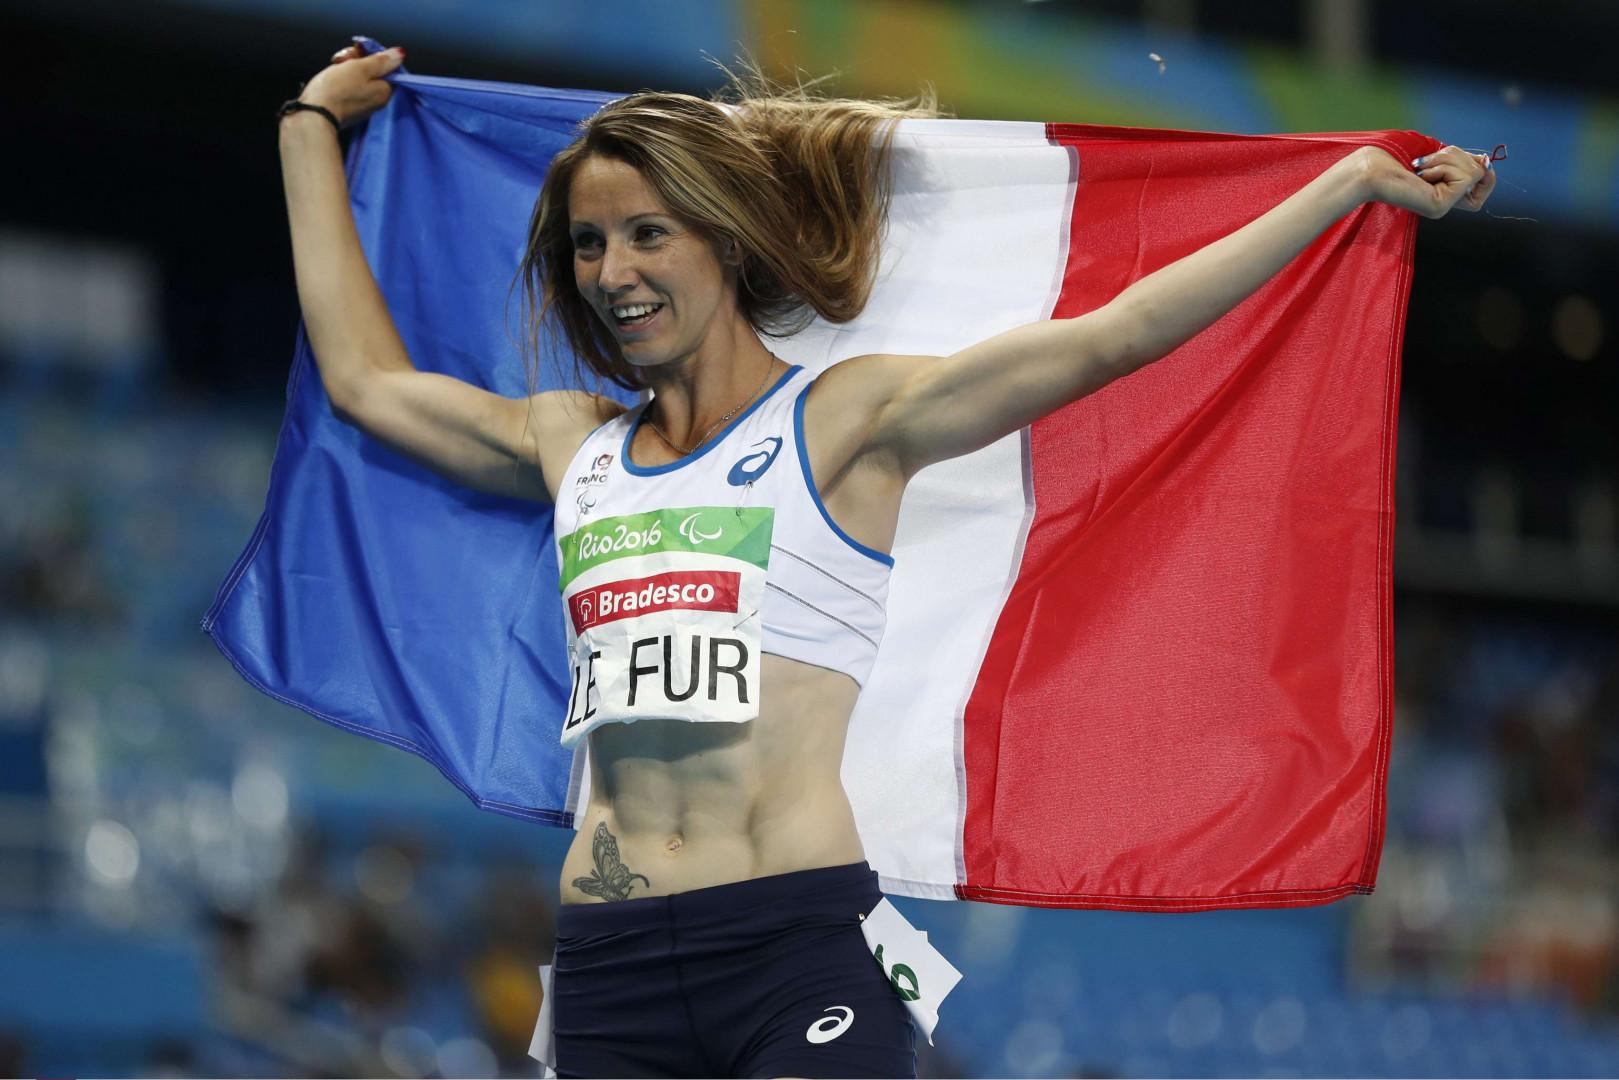 Marie-Amelie Le Fur brille dans le handi-sport et a remporté deux médailles d'or aux derniers JO paralympiques à Rio. Suivez son actu : Twitter/mariealefur